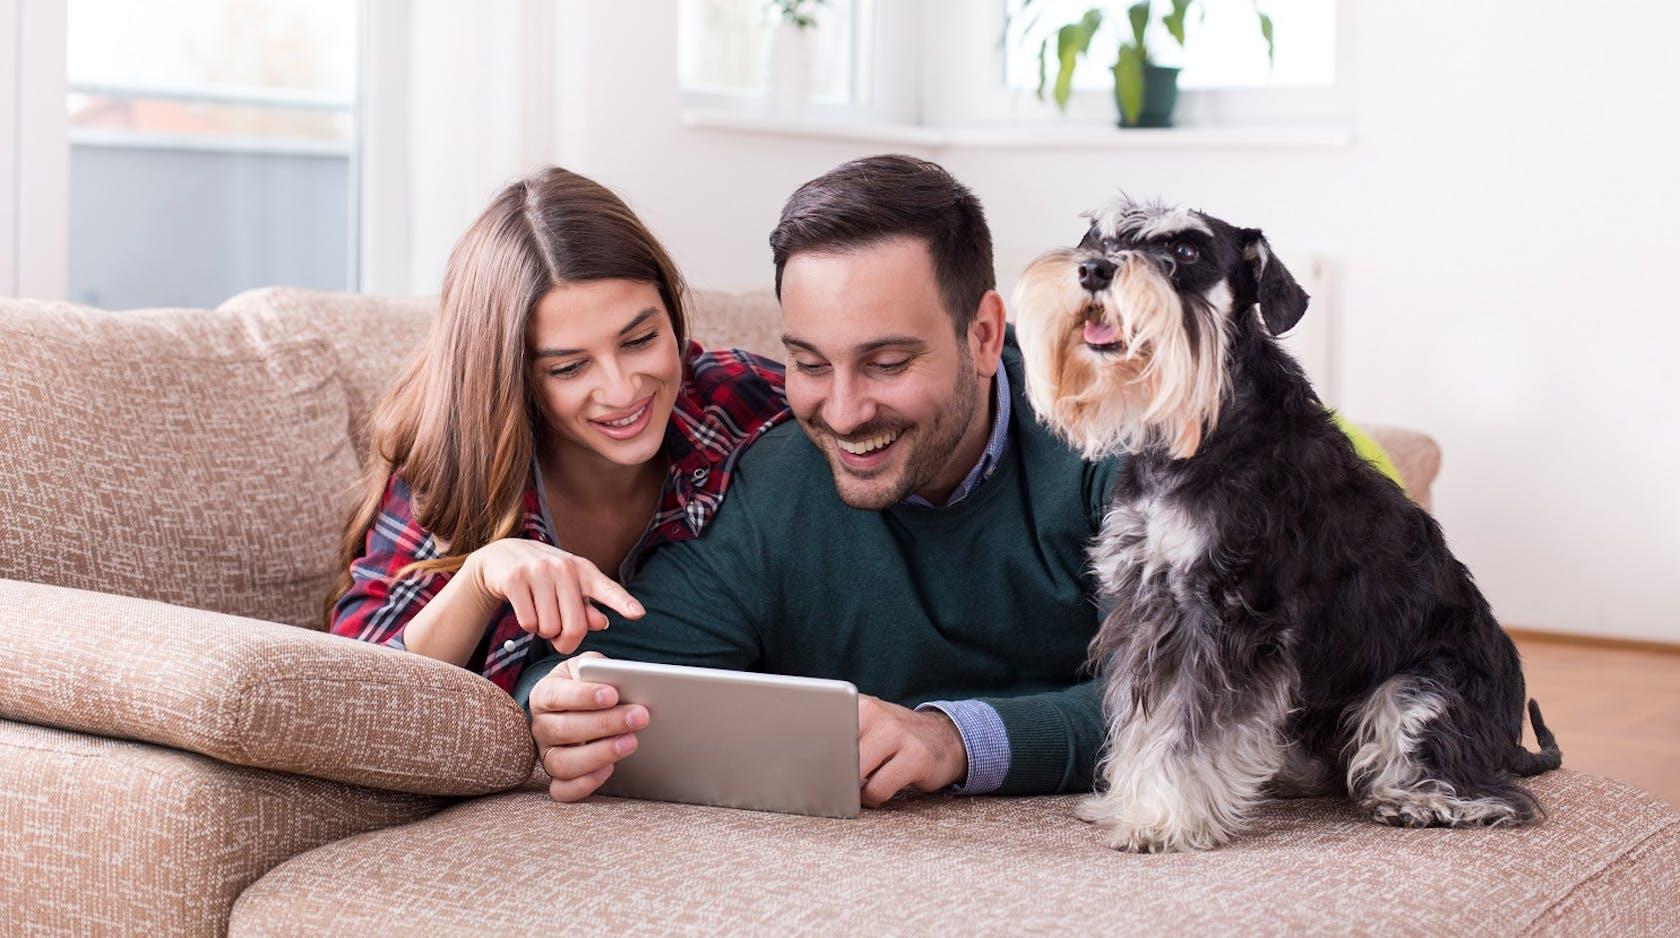 Familie mit Hund liegt auf Couch und shoppt online mit einem Tablet